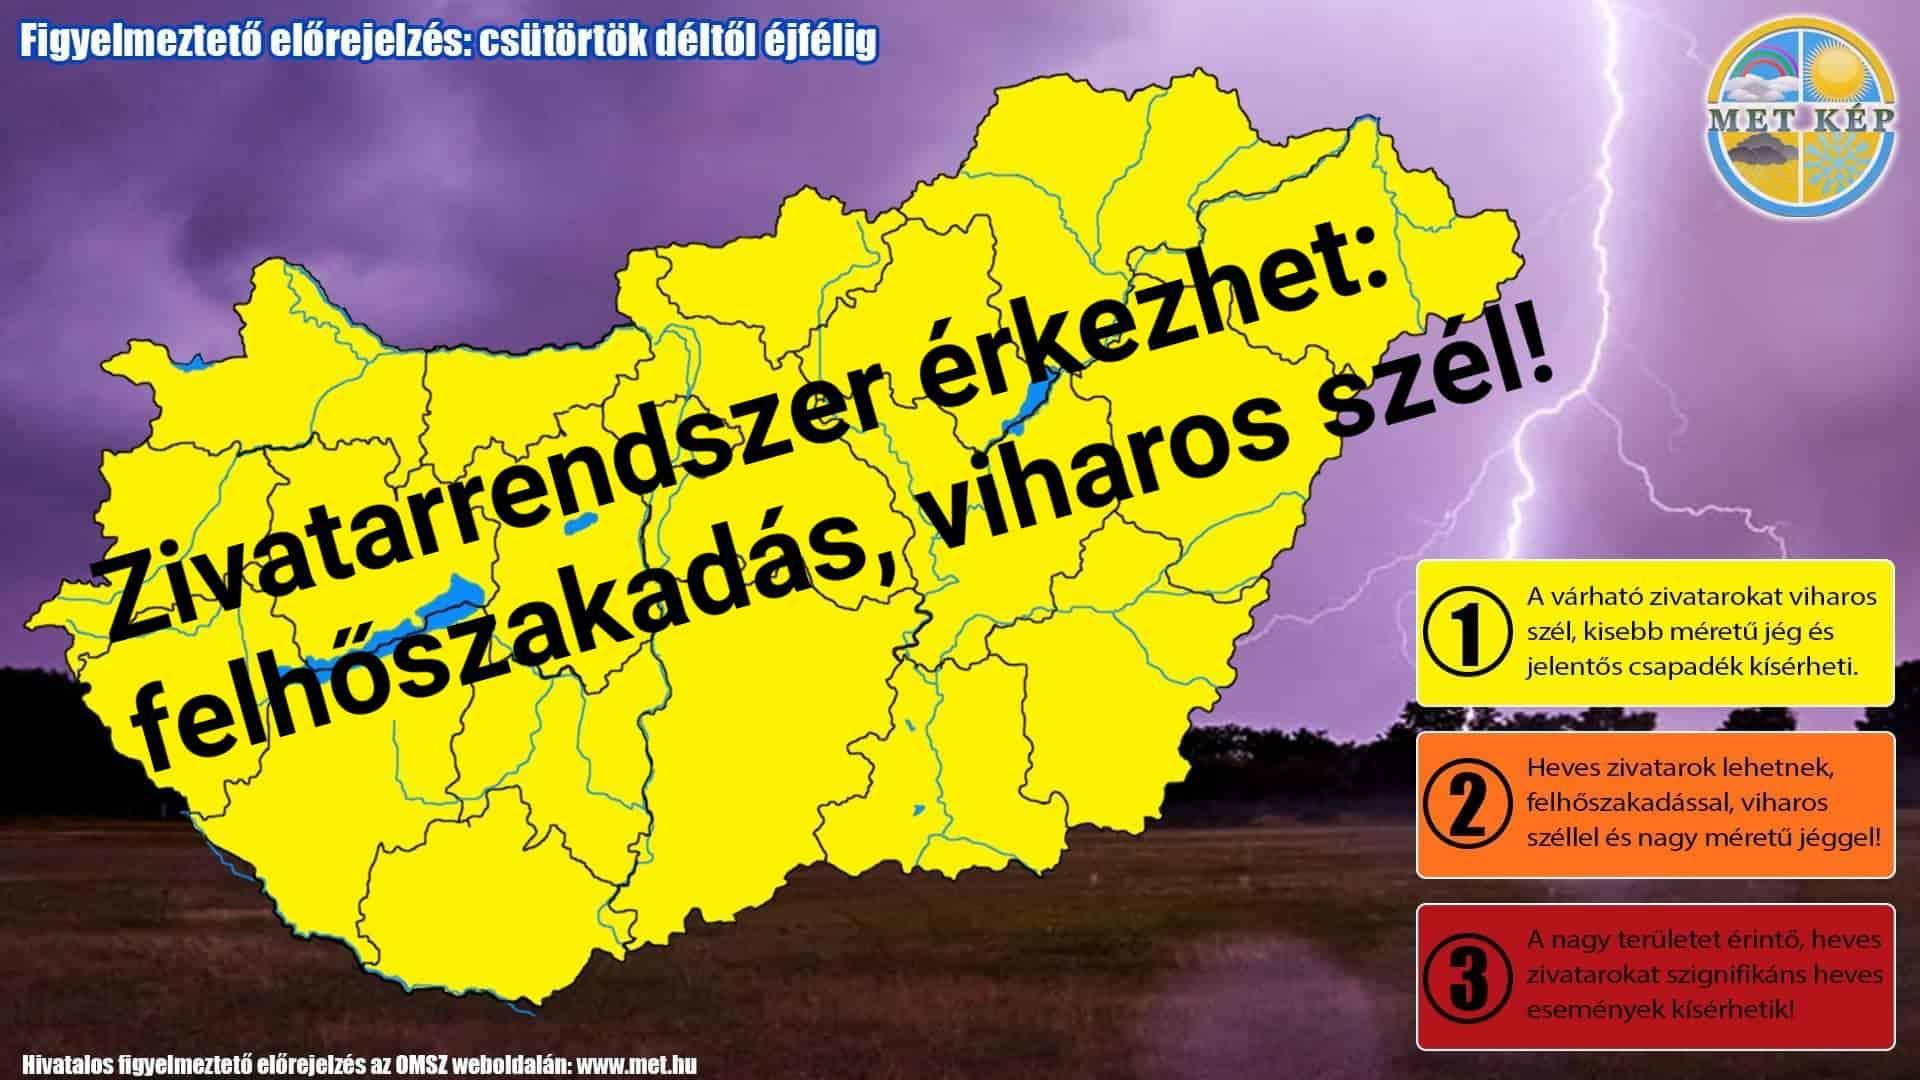 Figyelmeztetés: zivatarrendszer érkezhet felhőszakadással! 3